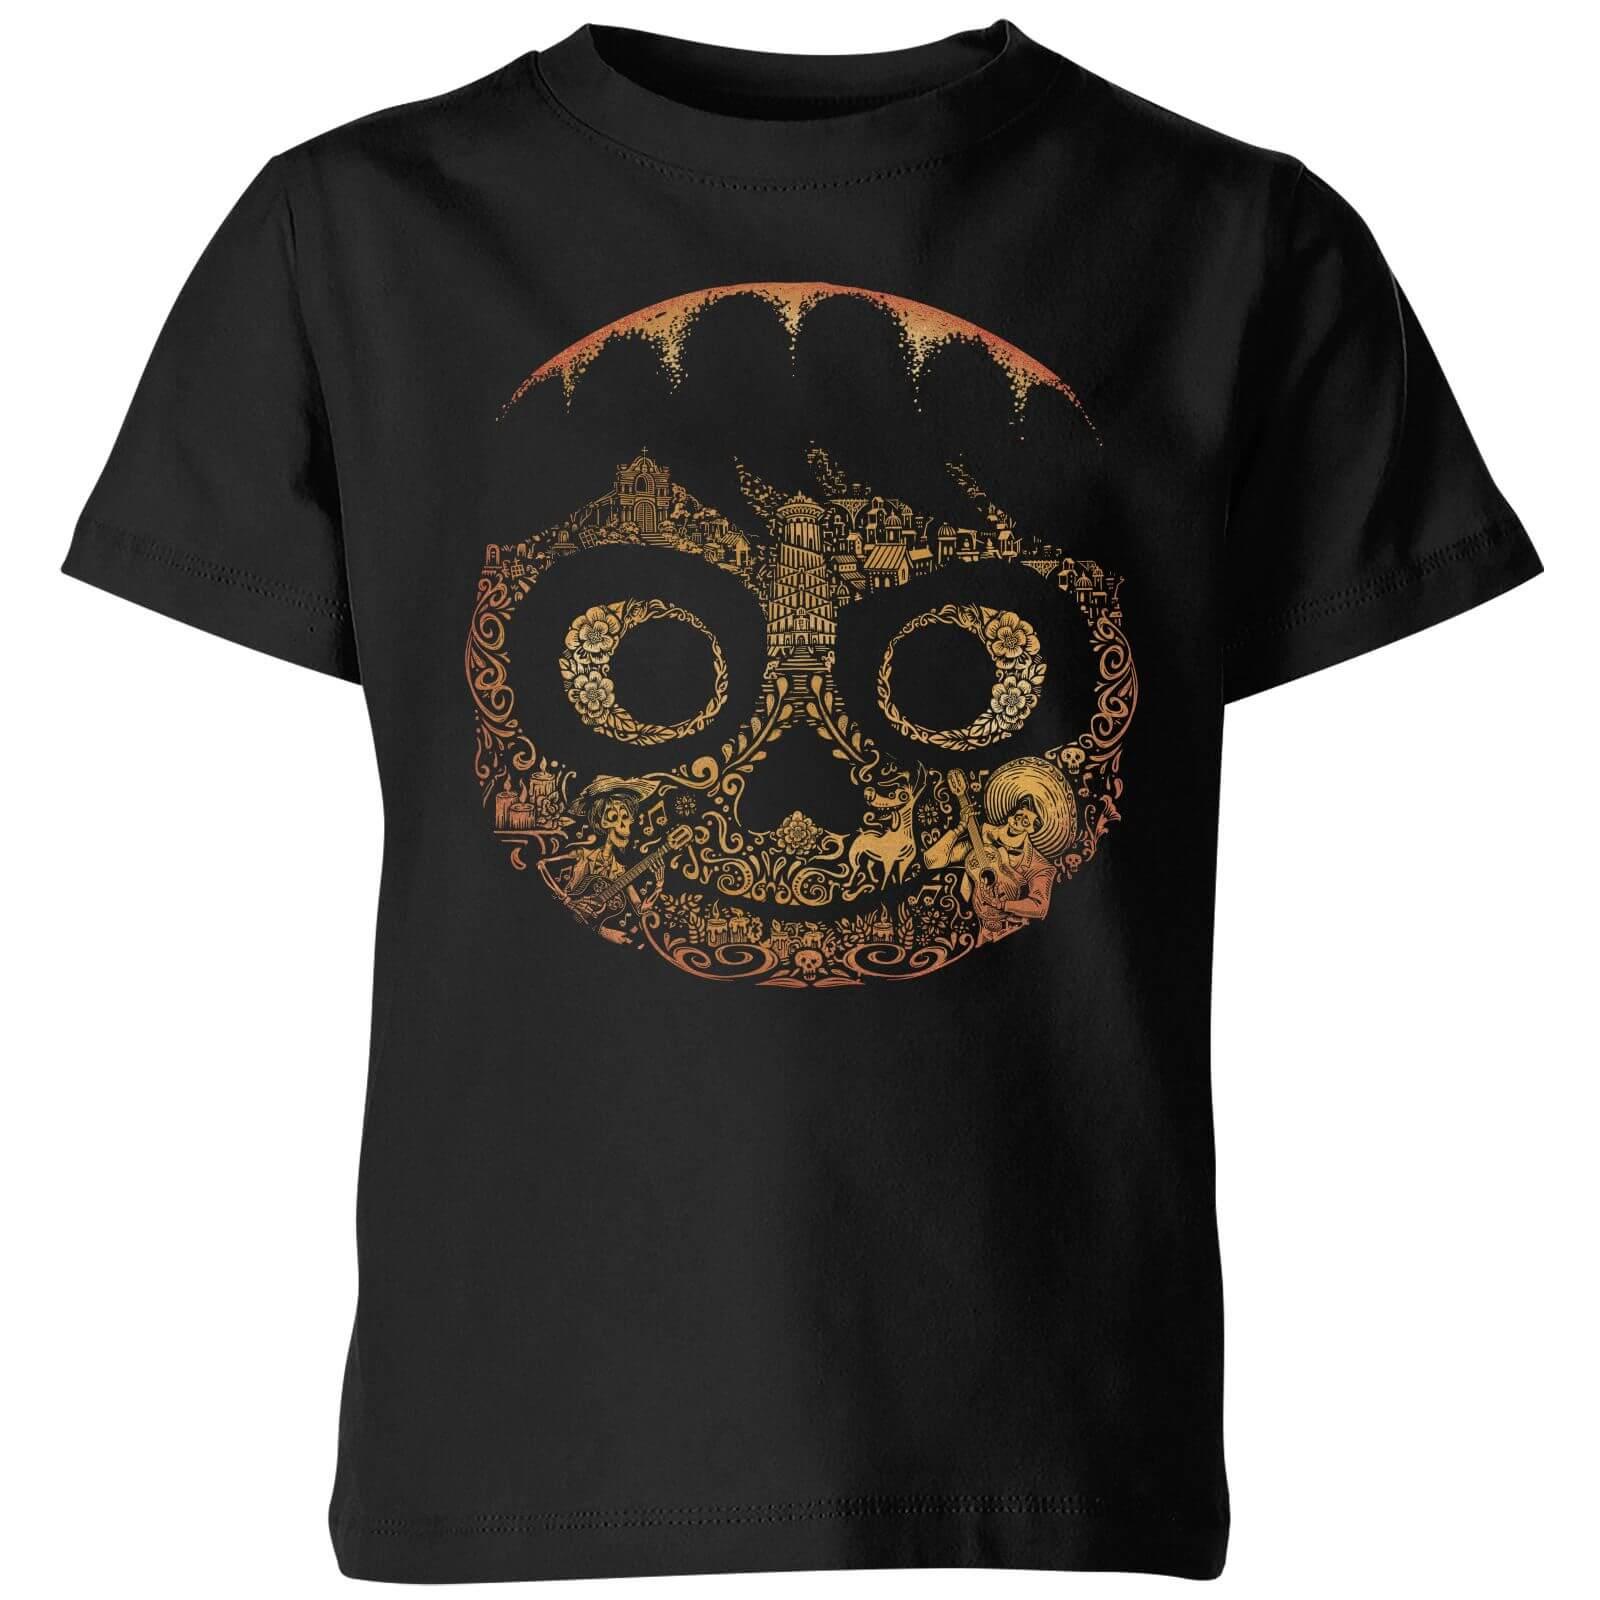 Pixar T-Shirt Enfant Visage Miguel Coco - Noir - 3-4 ans - Noir